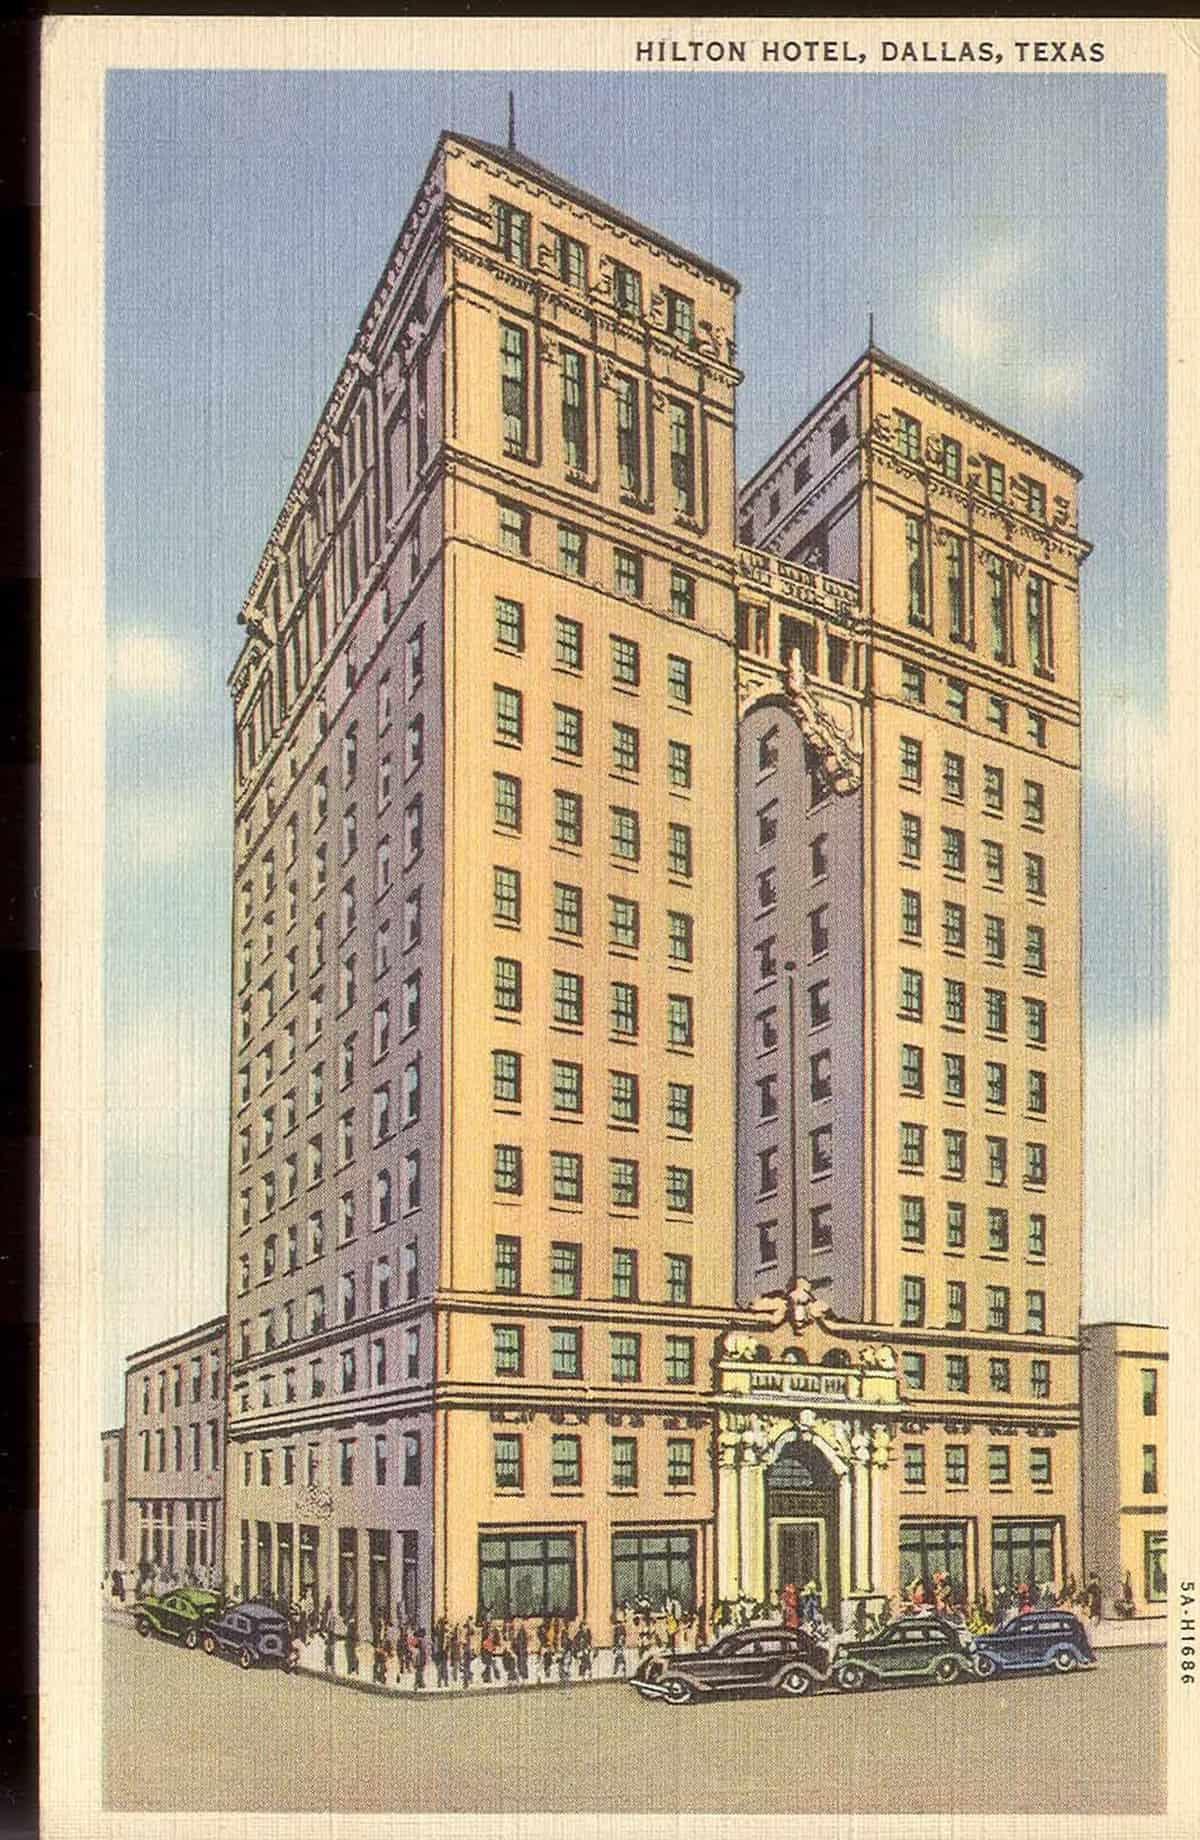 Dallas Hilton, 1930s